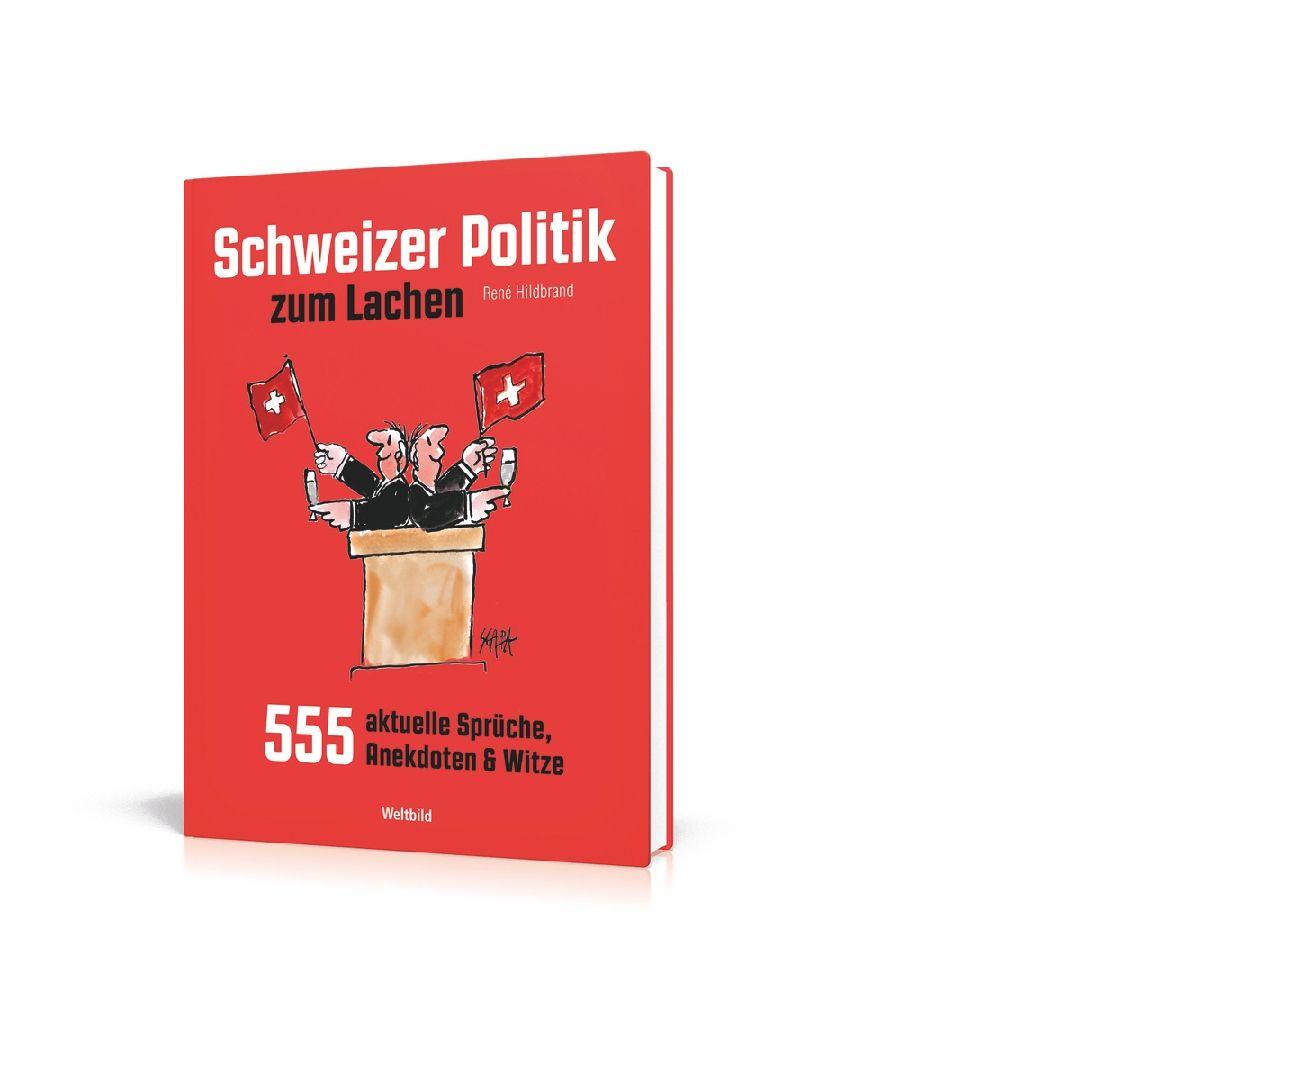 schweizer politik